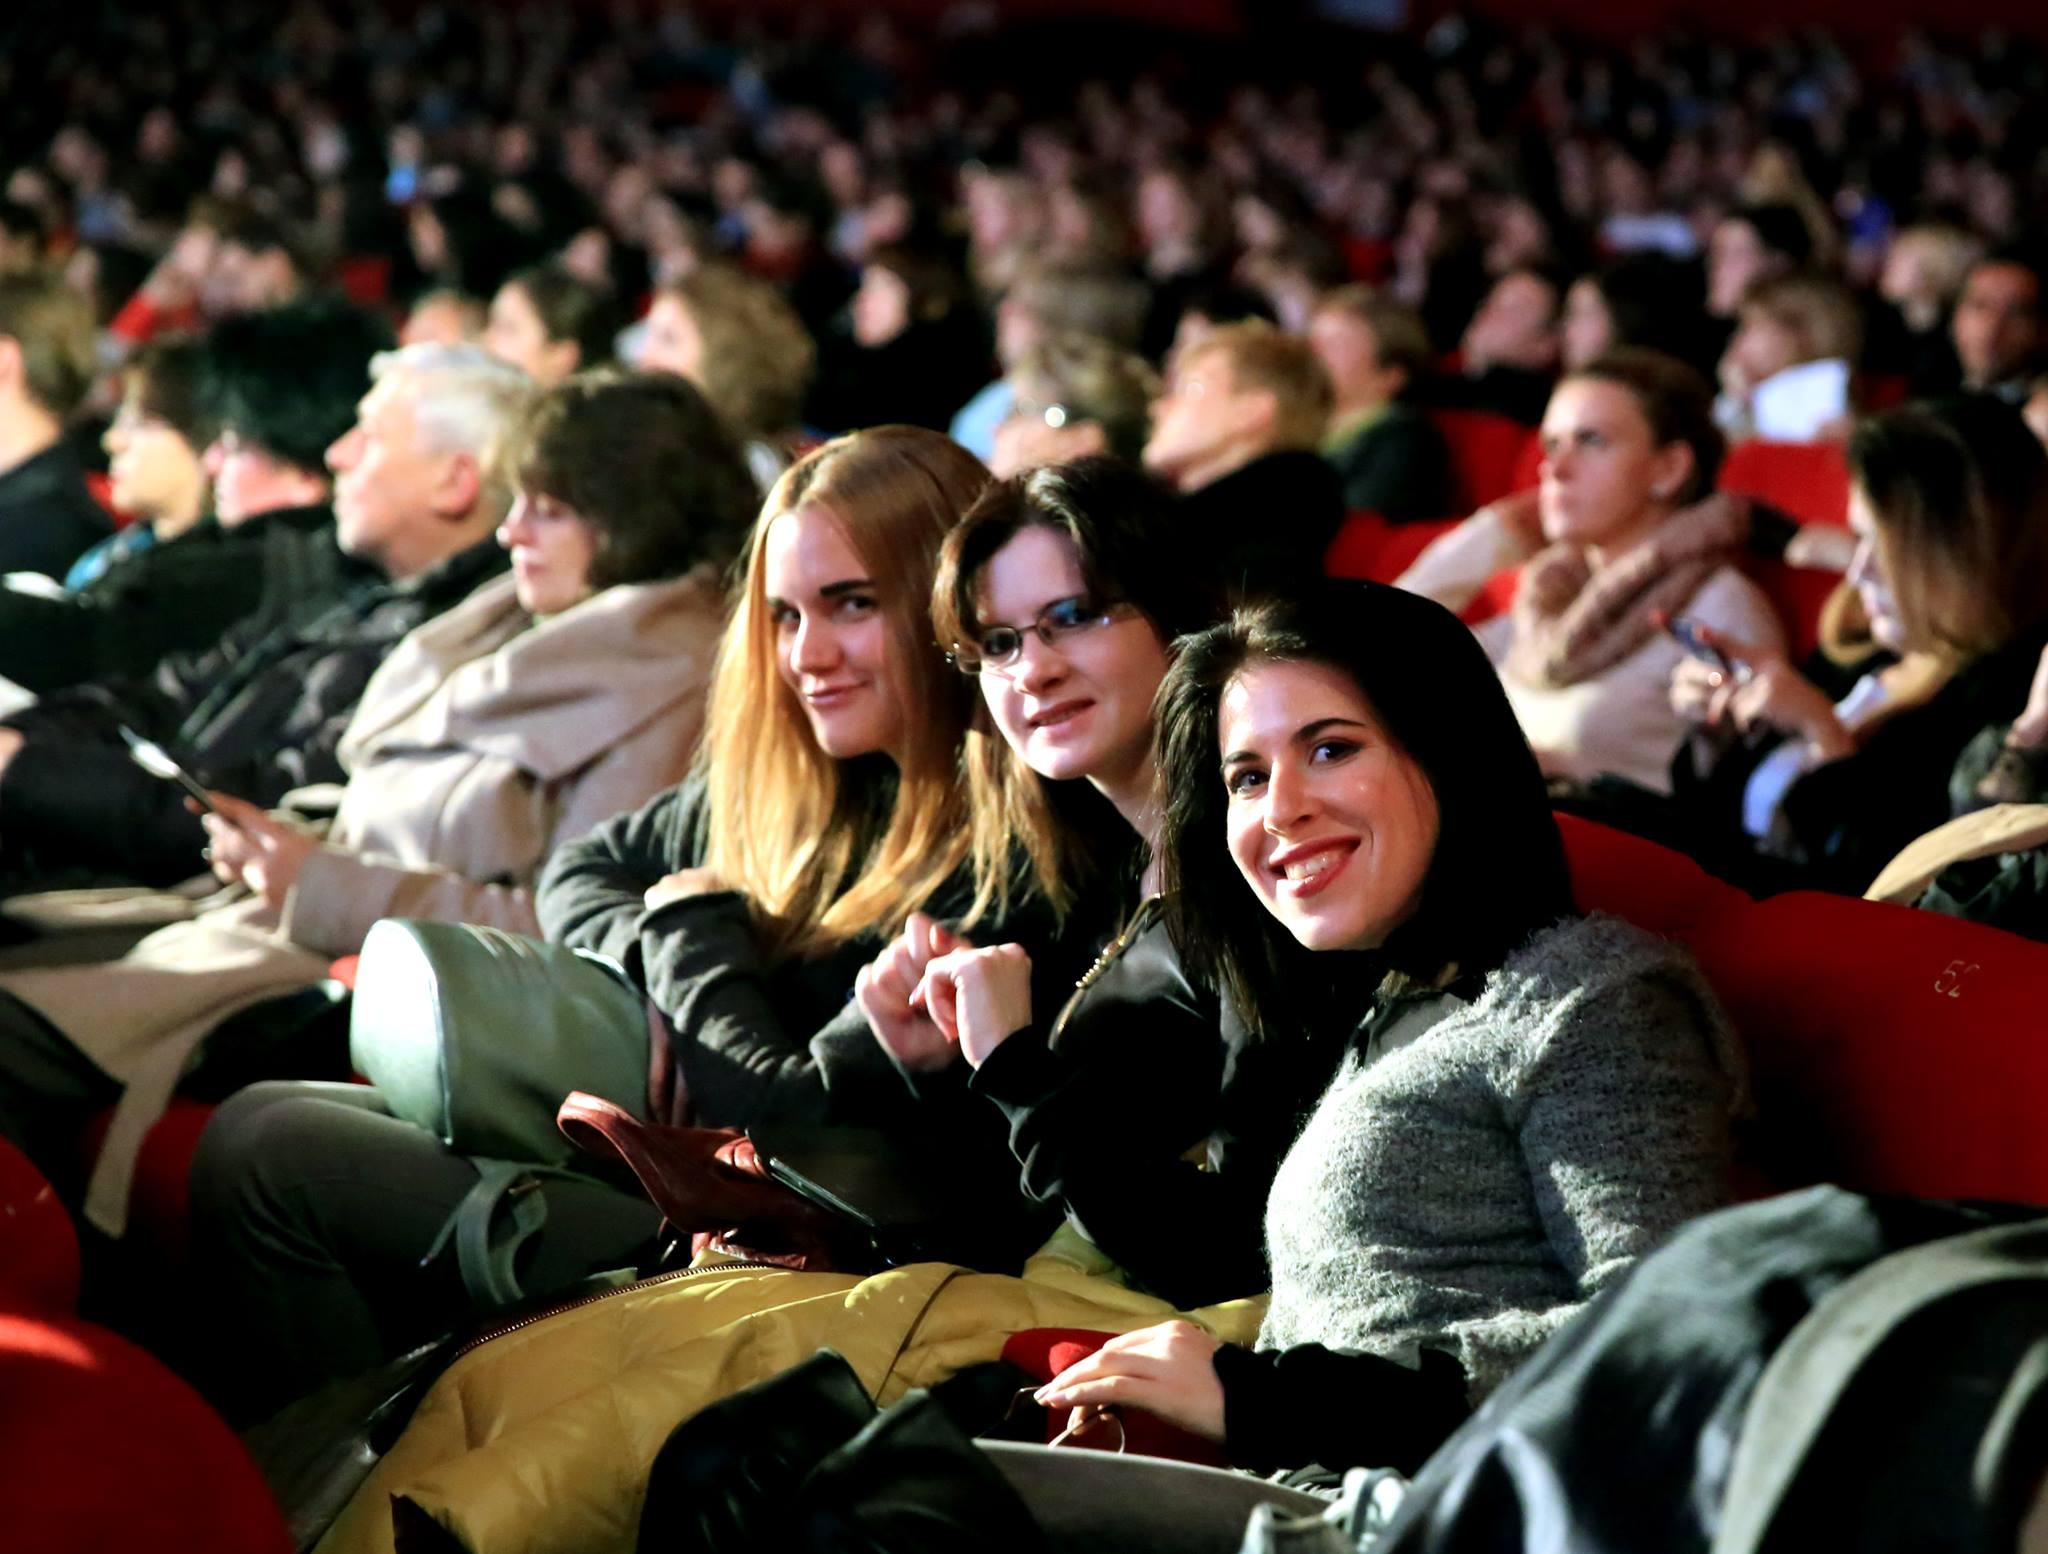 Alcuni momenti dell'inaugurazione del festival RIFF. Fonte: ufficio stampa\n